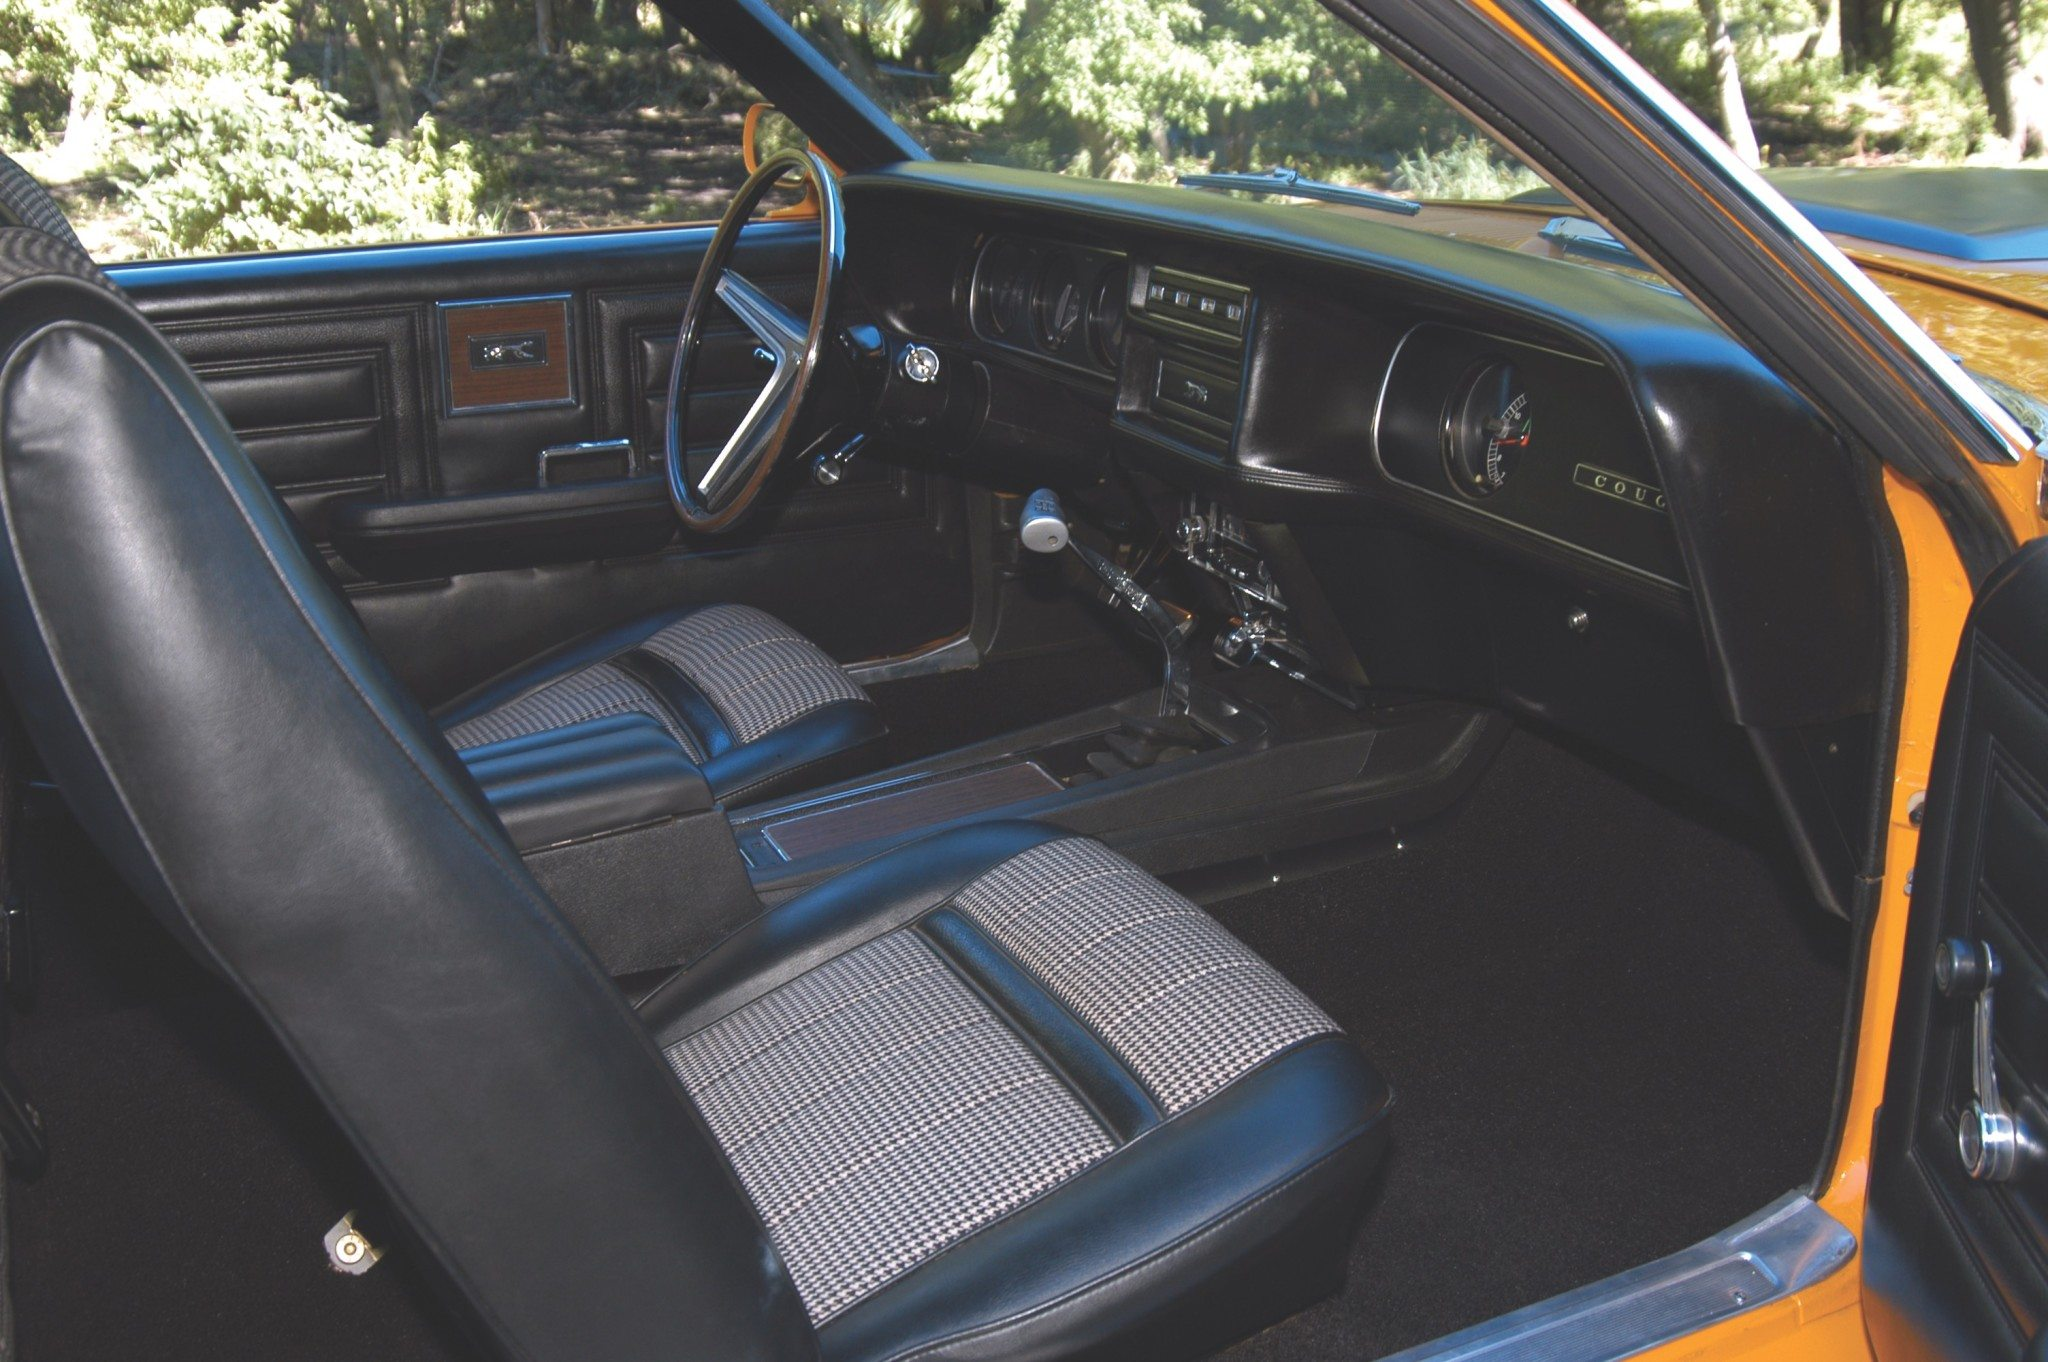 1970 Mercury Cougar Eliminator Interior